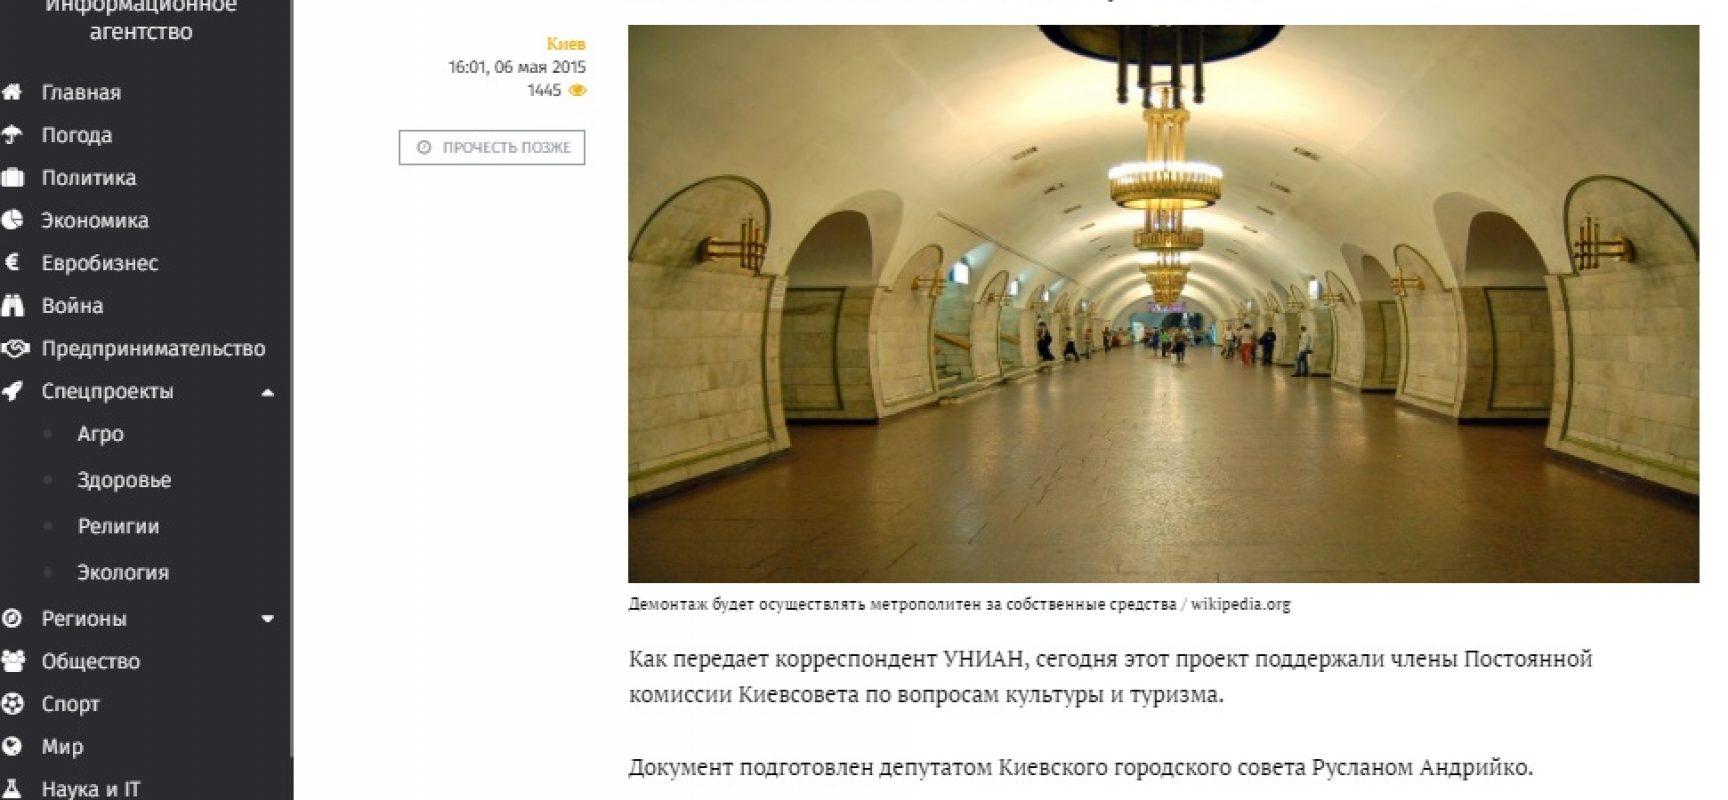 FAKE: Alla stazione di metro a Kiev hanno rifiutato di togliere il nastro di San Giorgio